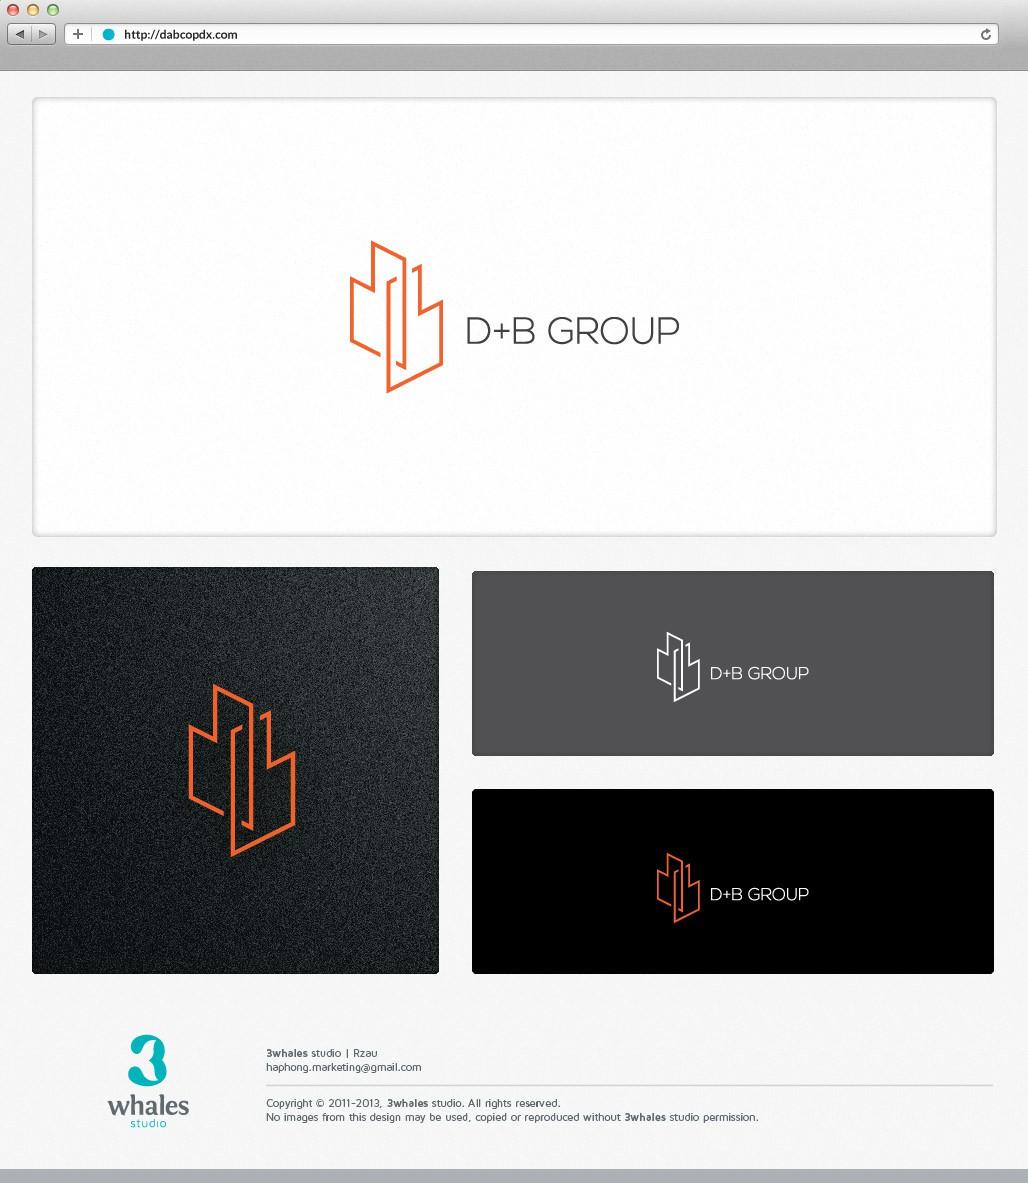 D+B Group needs a new logo